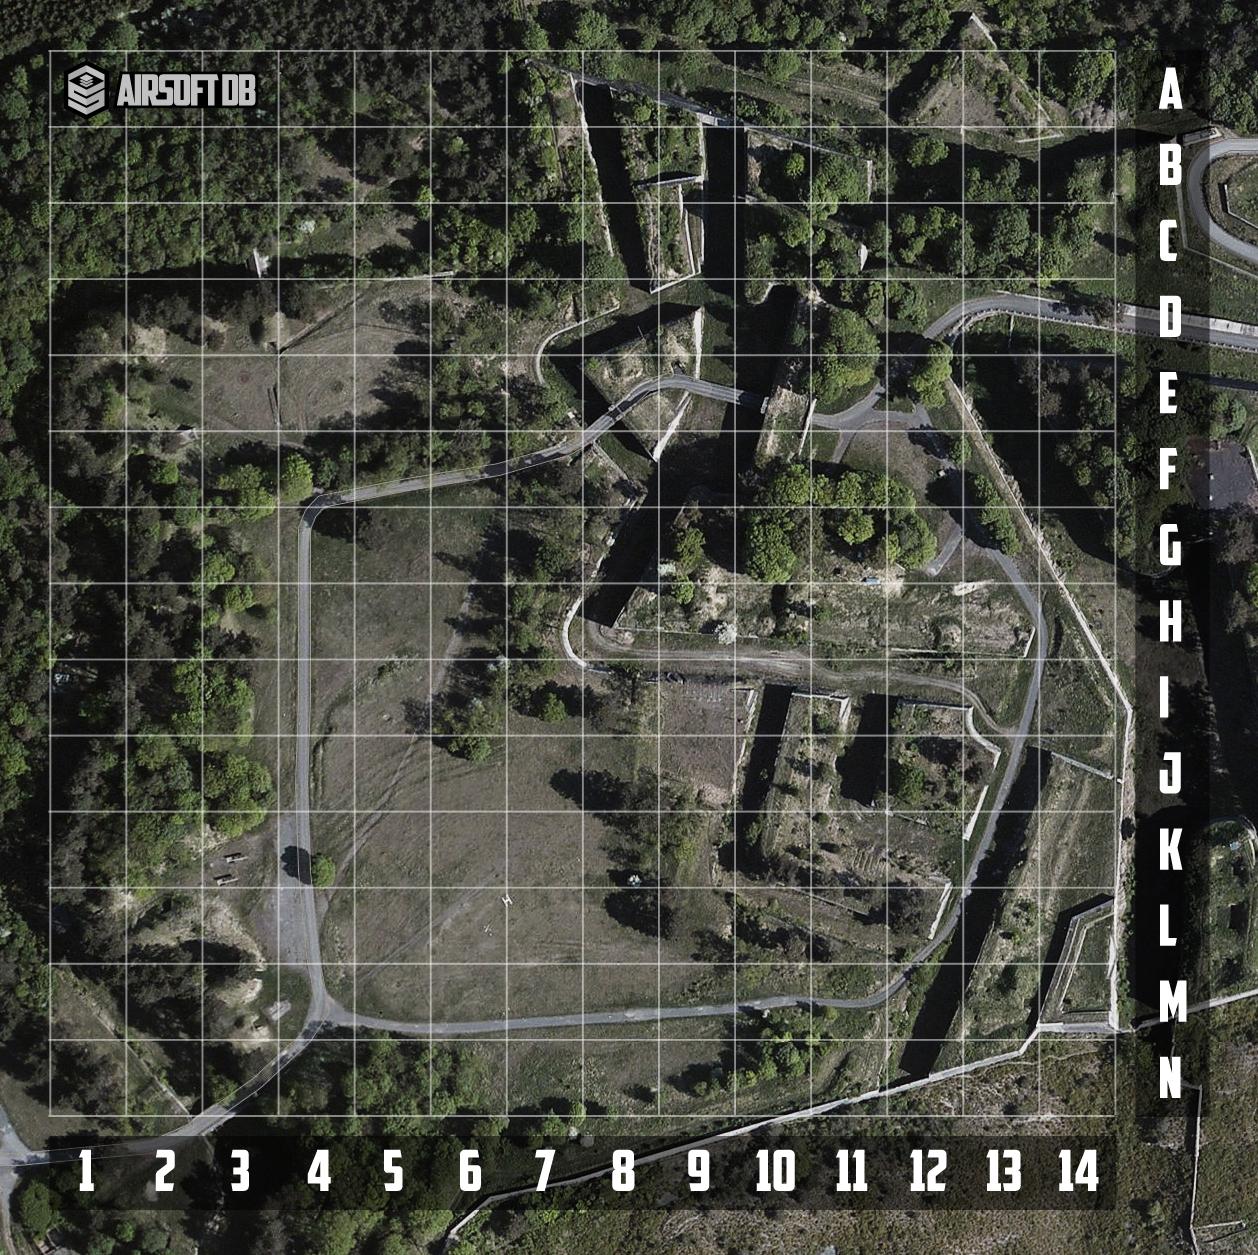 Plattegrond Givet Fort Charlemont Airsoft